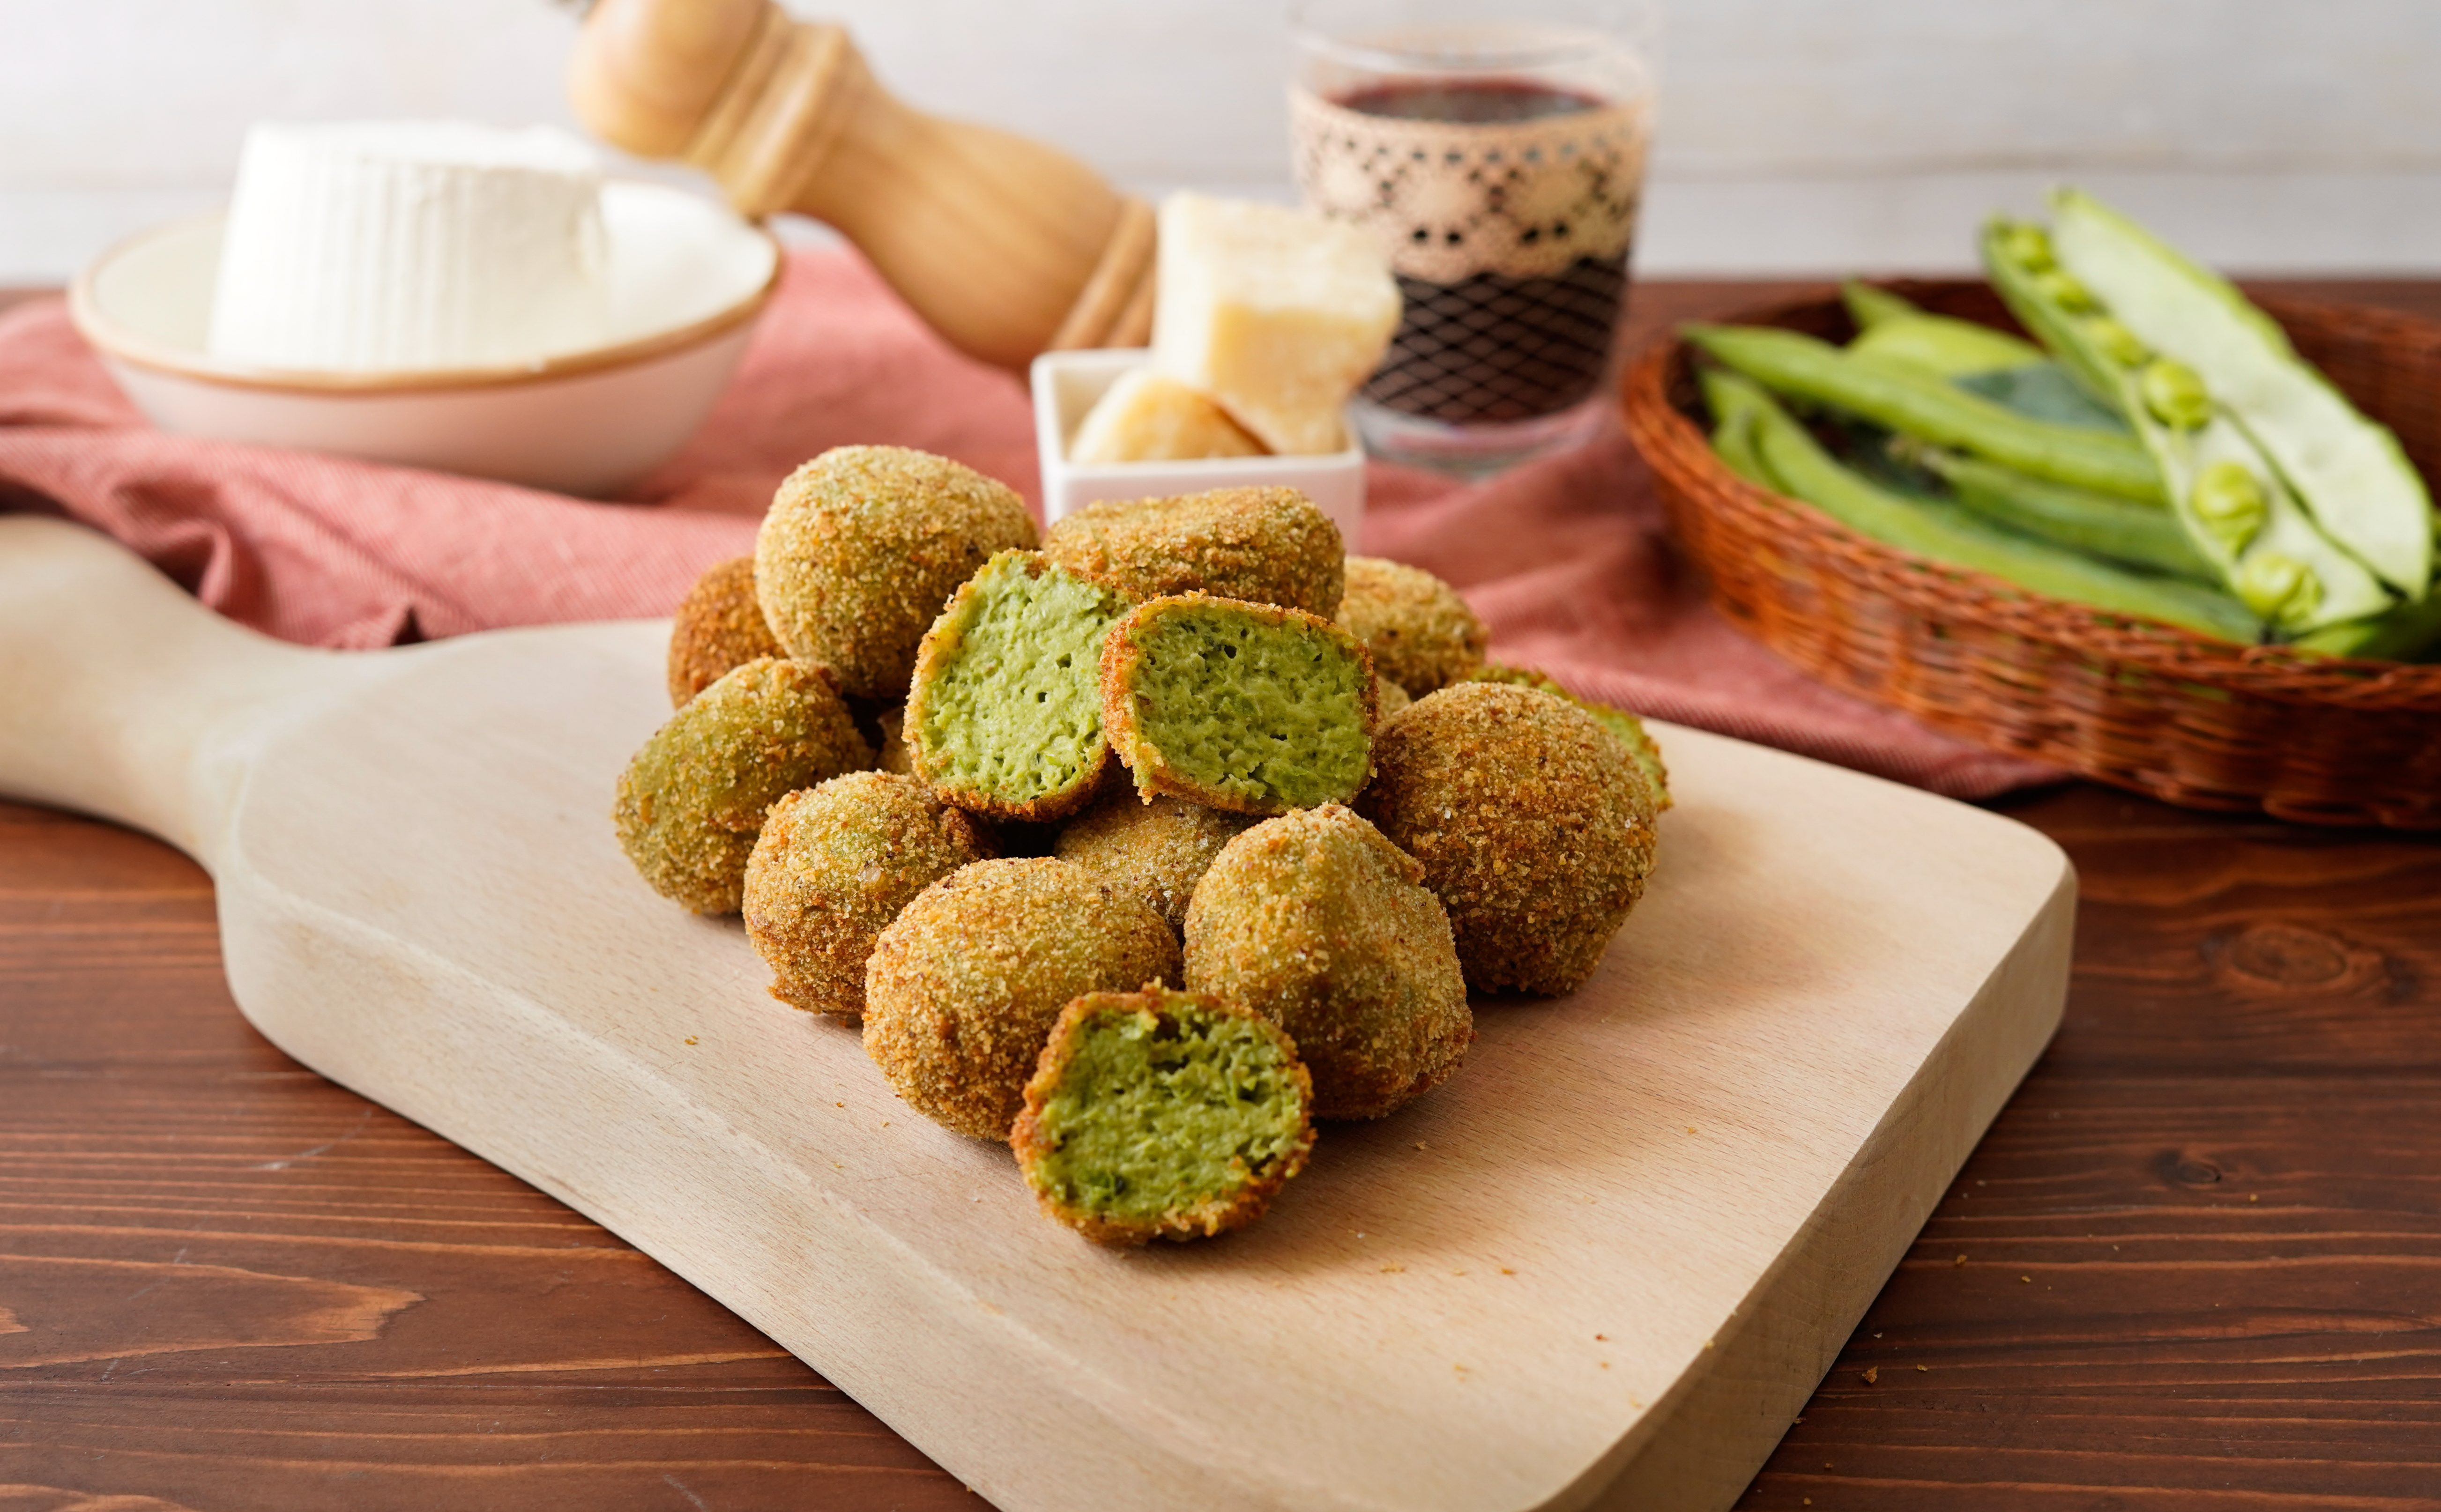 Polpette di fave: la ricetta dell'antipasto vegetariano leggero e sfizioso